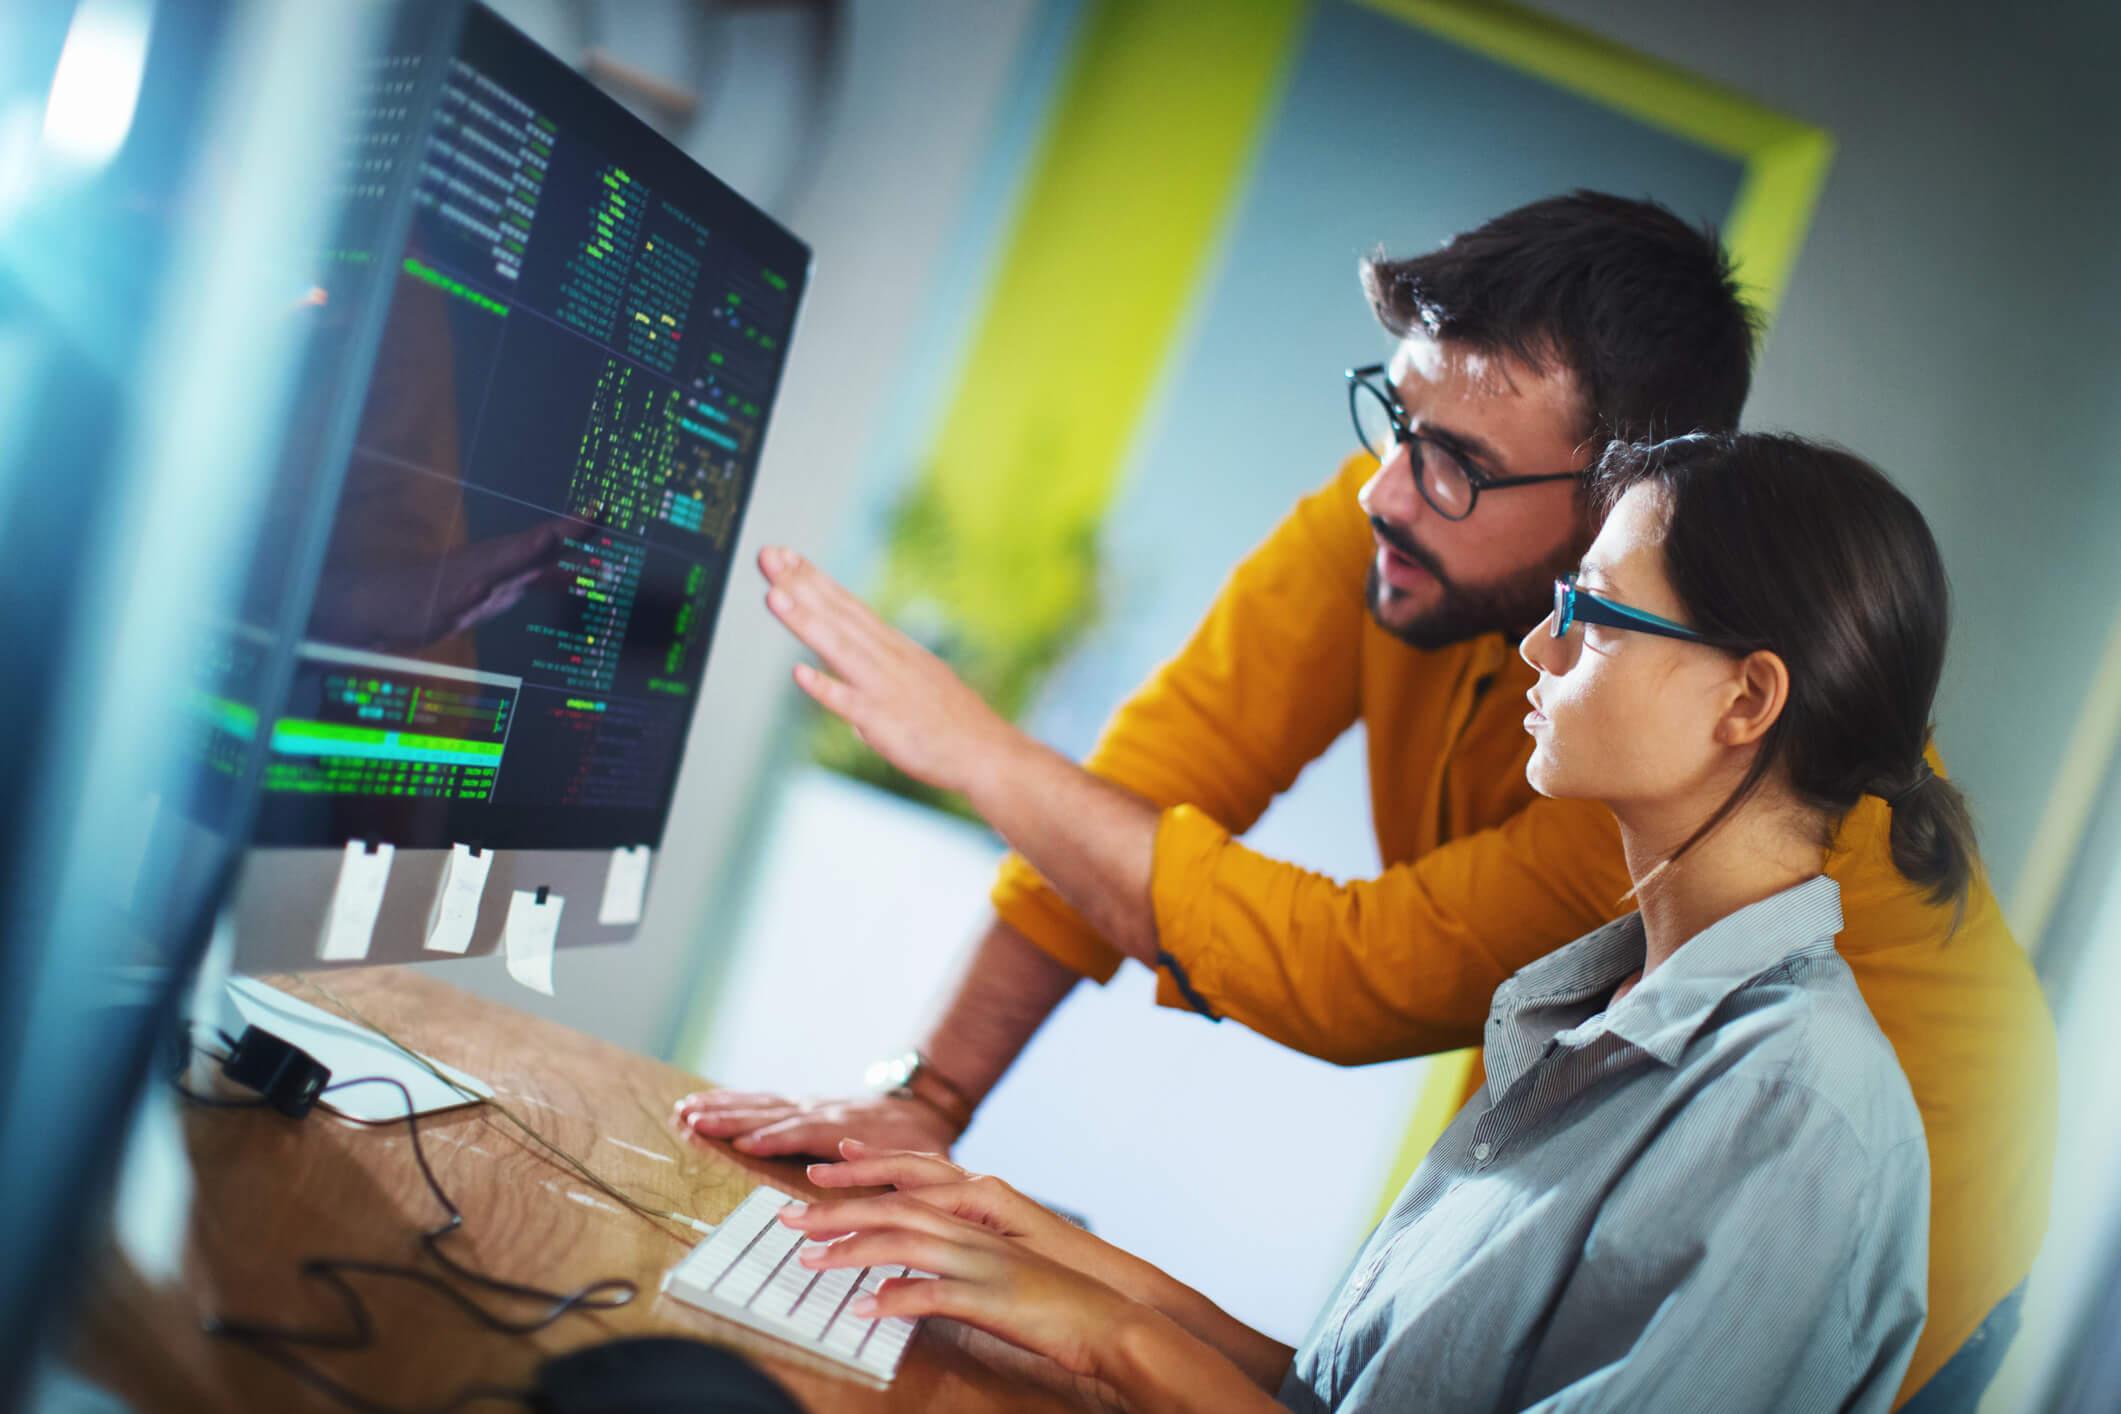 desenvolvimento de software sob demanda